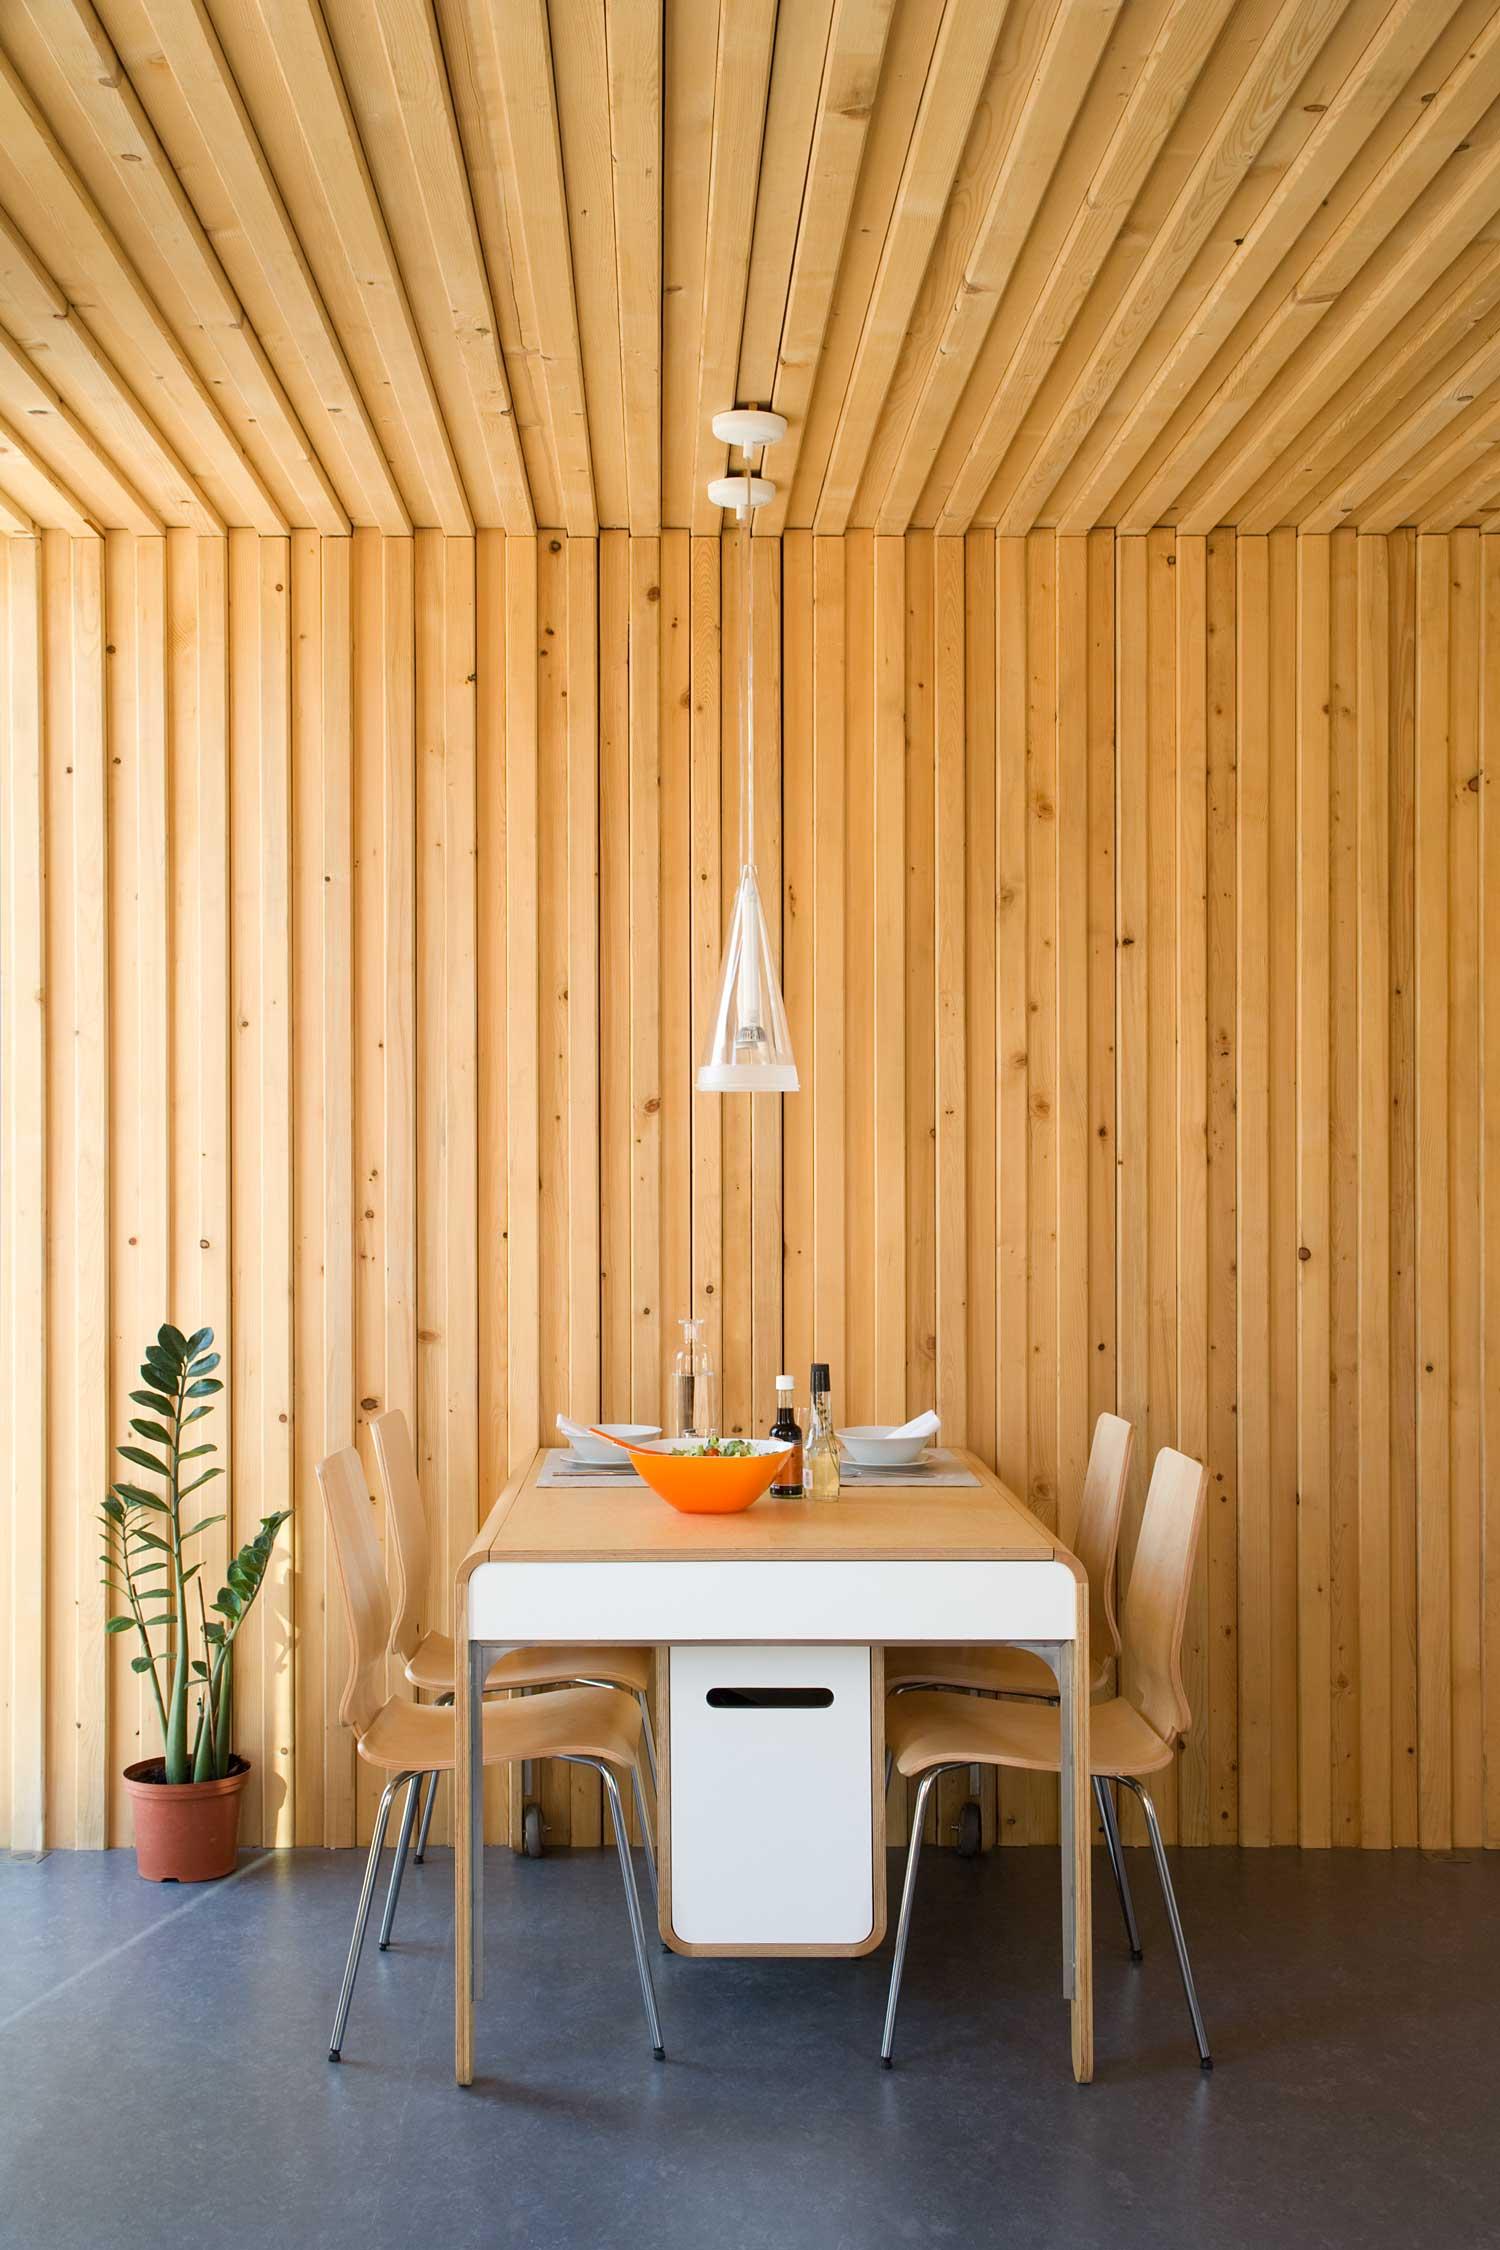 Casas Ecológicas e Pré-Fabricadas | Noem - Imagem - 4